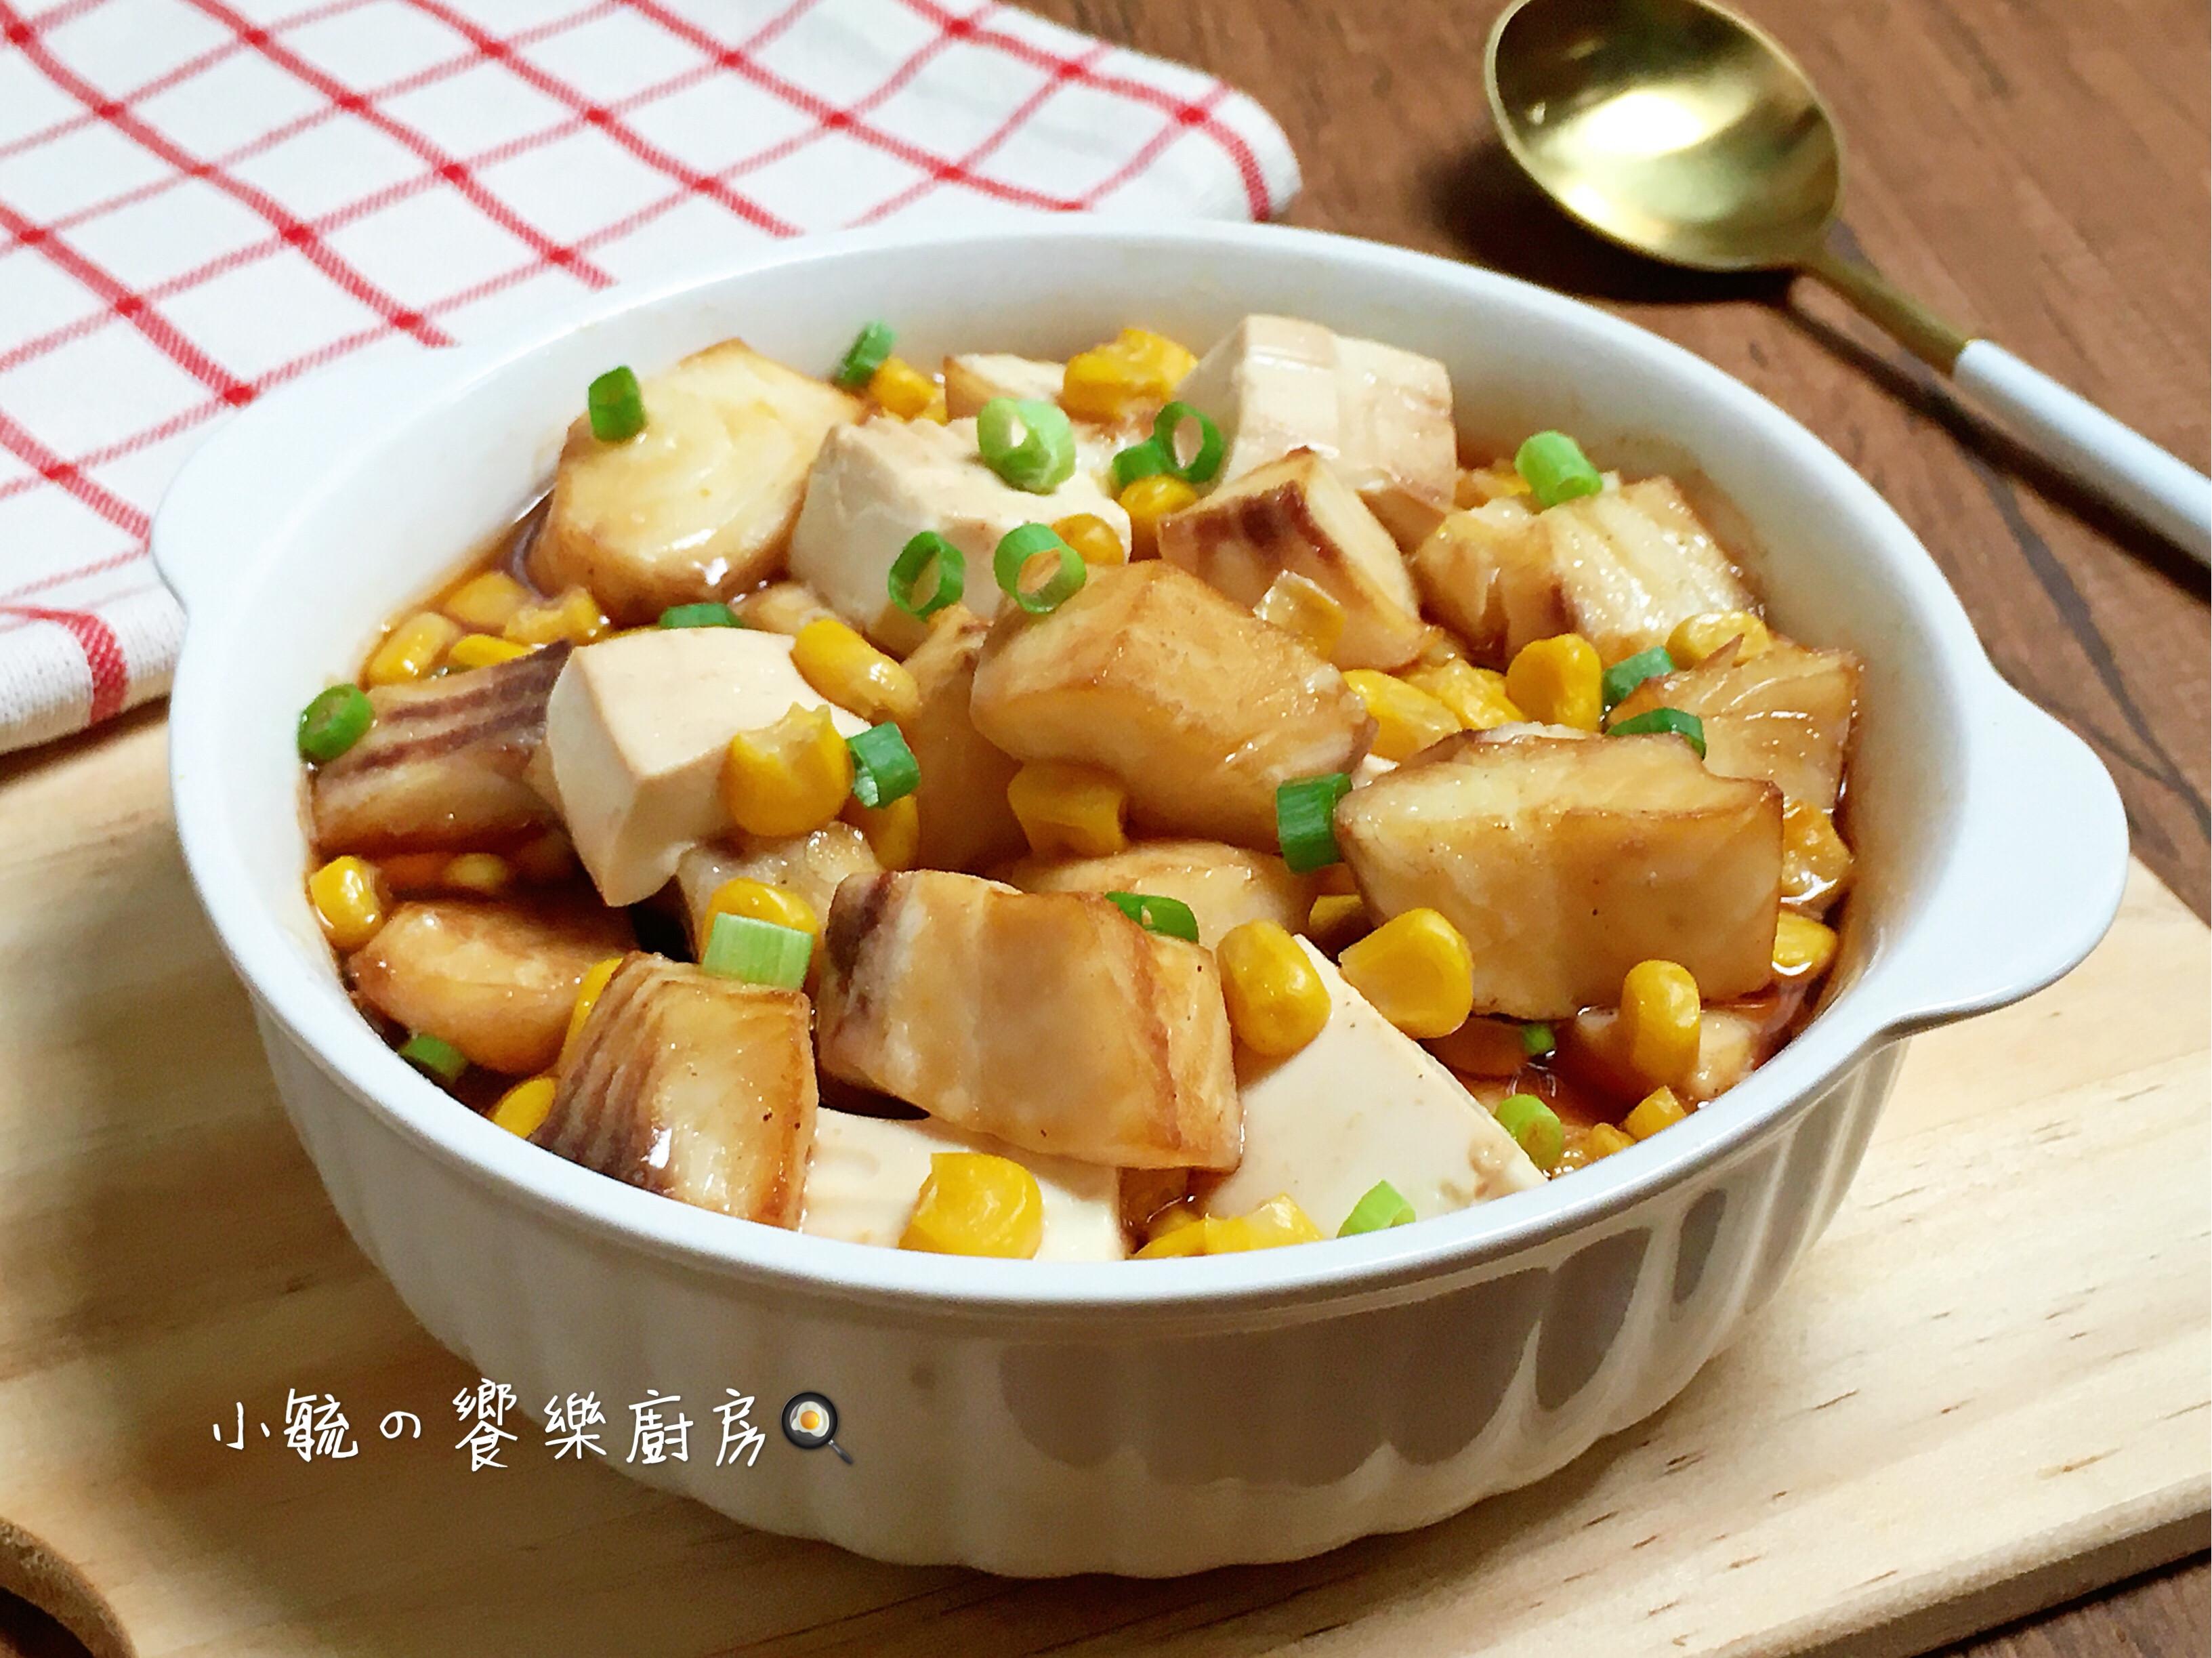 玉米豆腐蒸鯛魚。電鍋料理